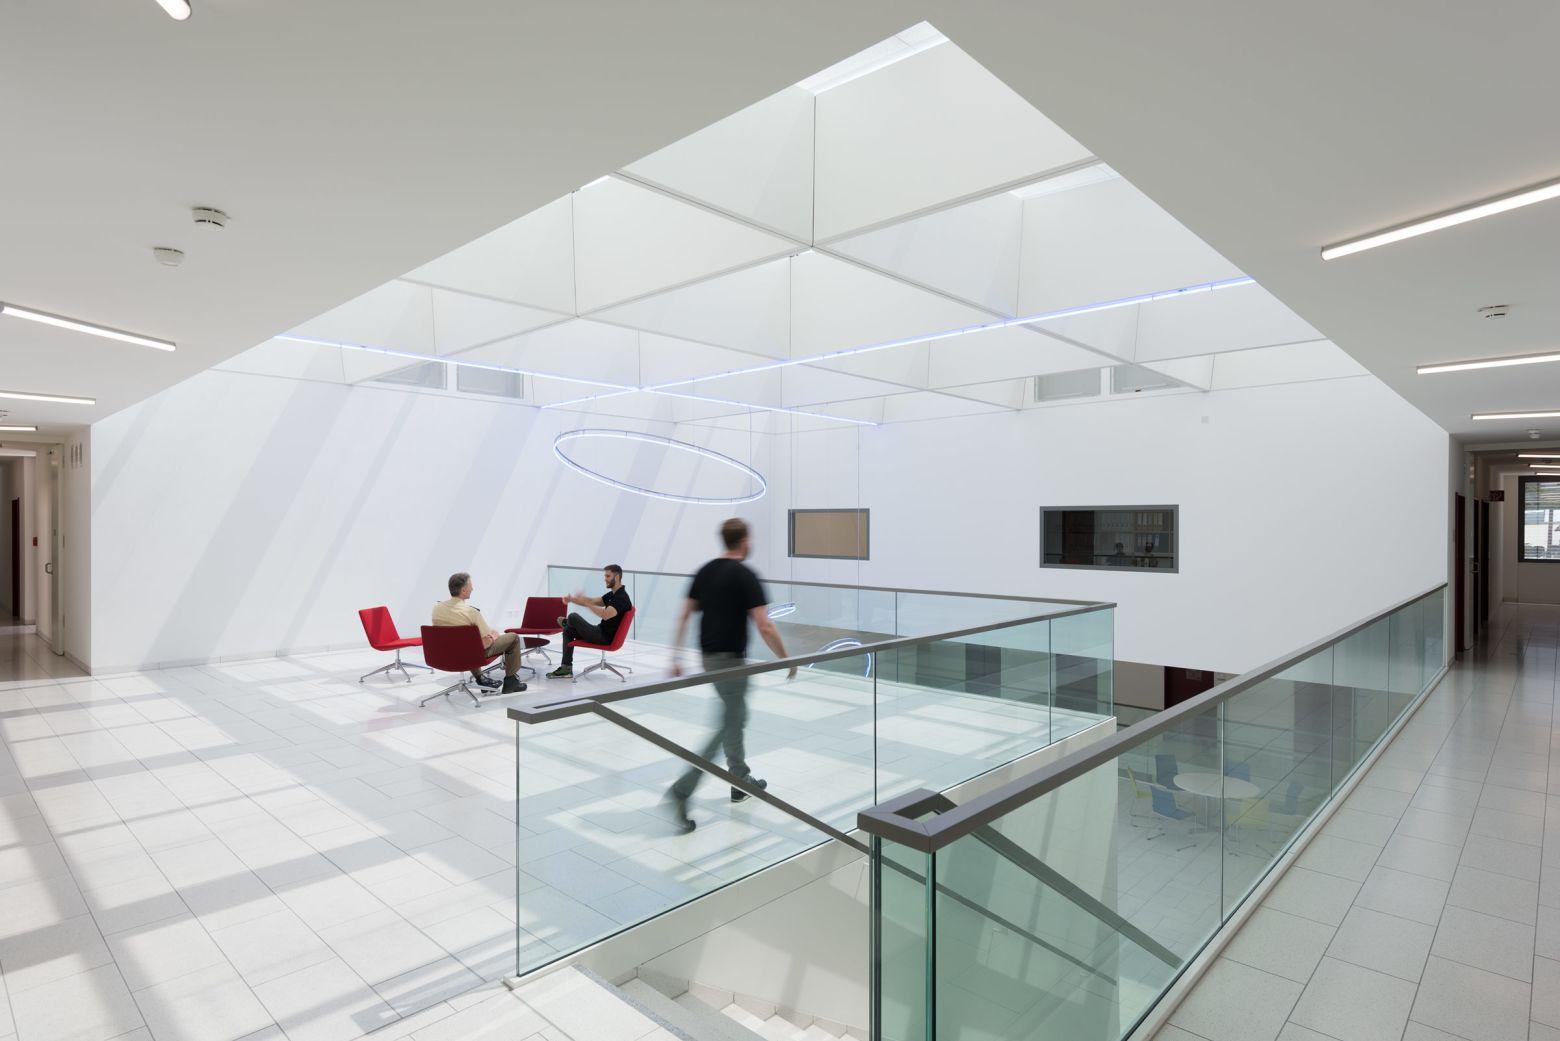 Lichtdach Atrium